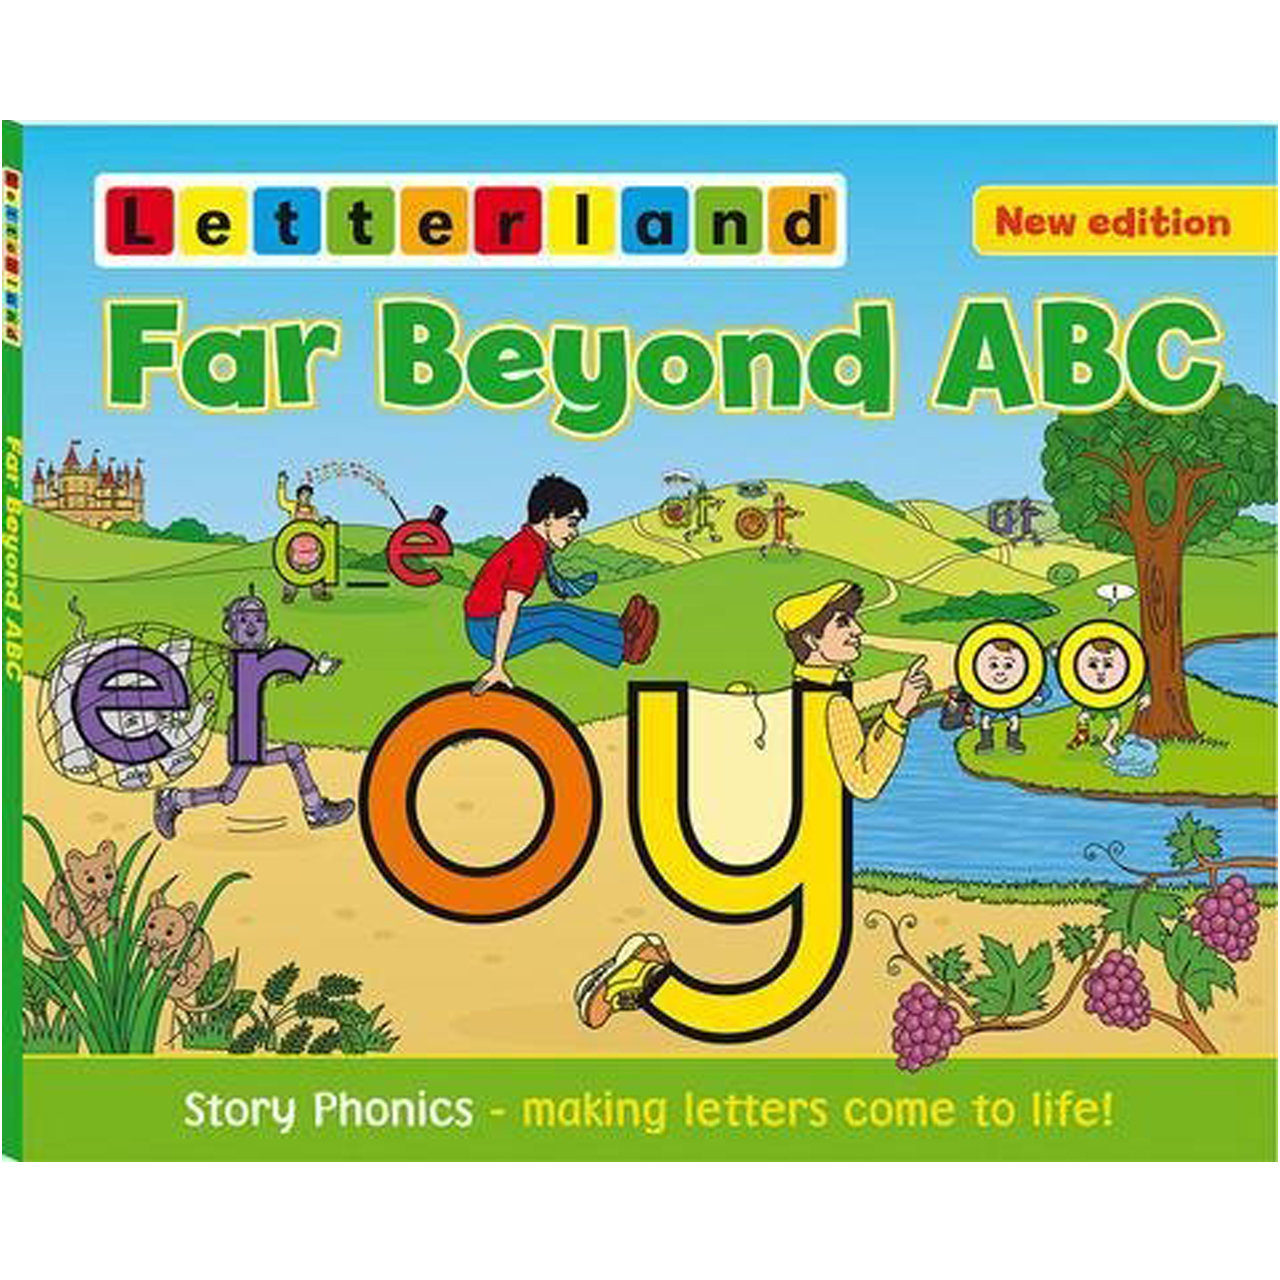 Far Beyond ABC